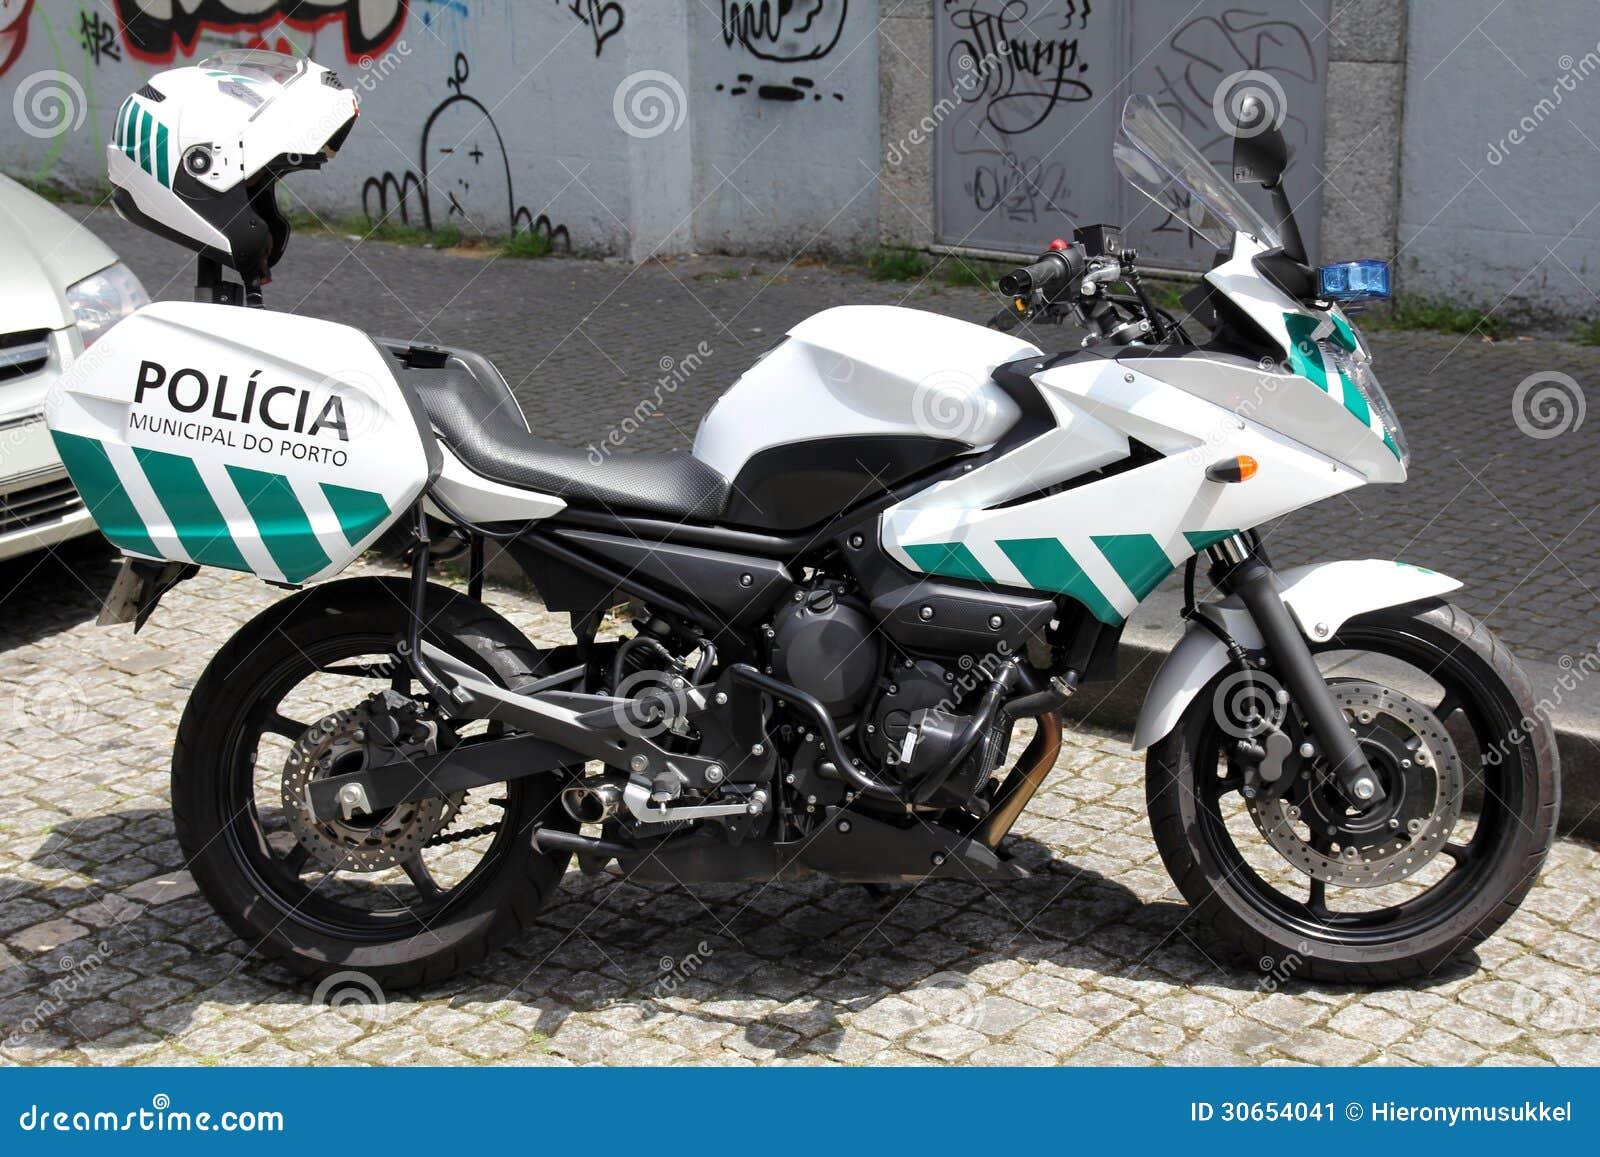 moto de police porto portugal image stock image du lisbonne application 30654041. Black Bedroom Furniture Sets. Home Design Ideas